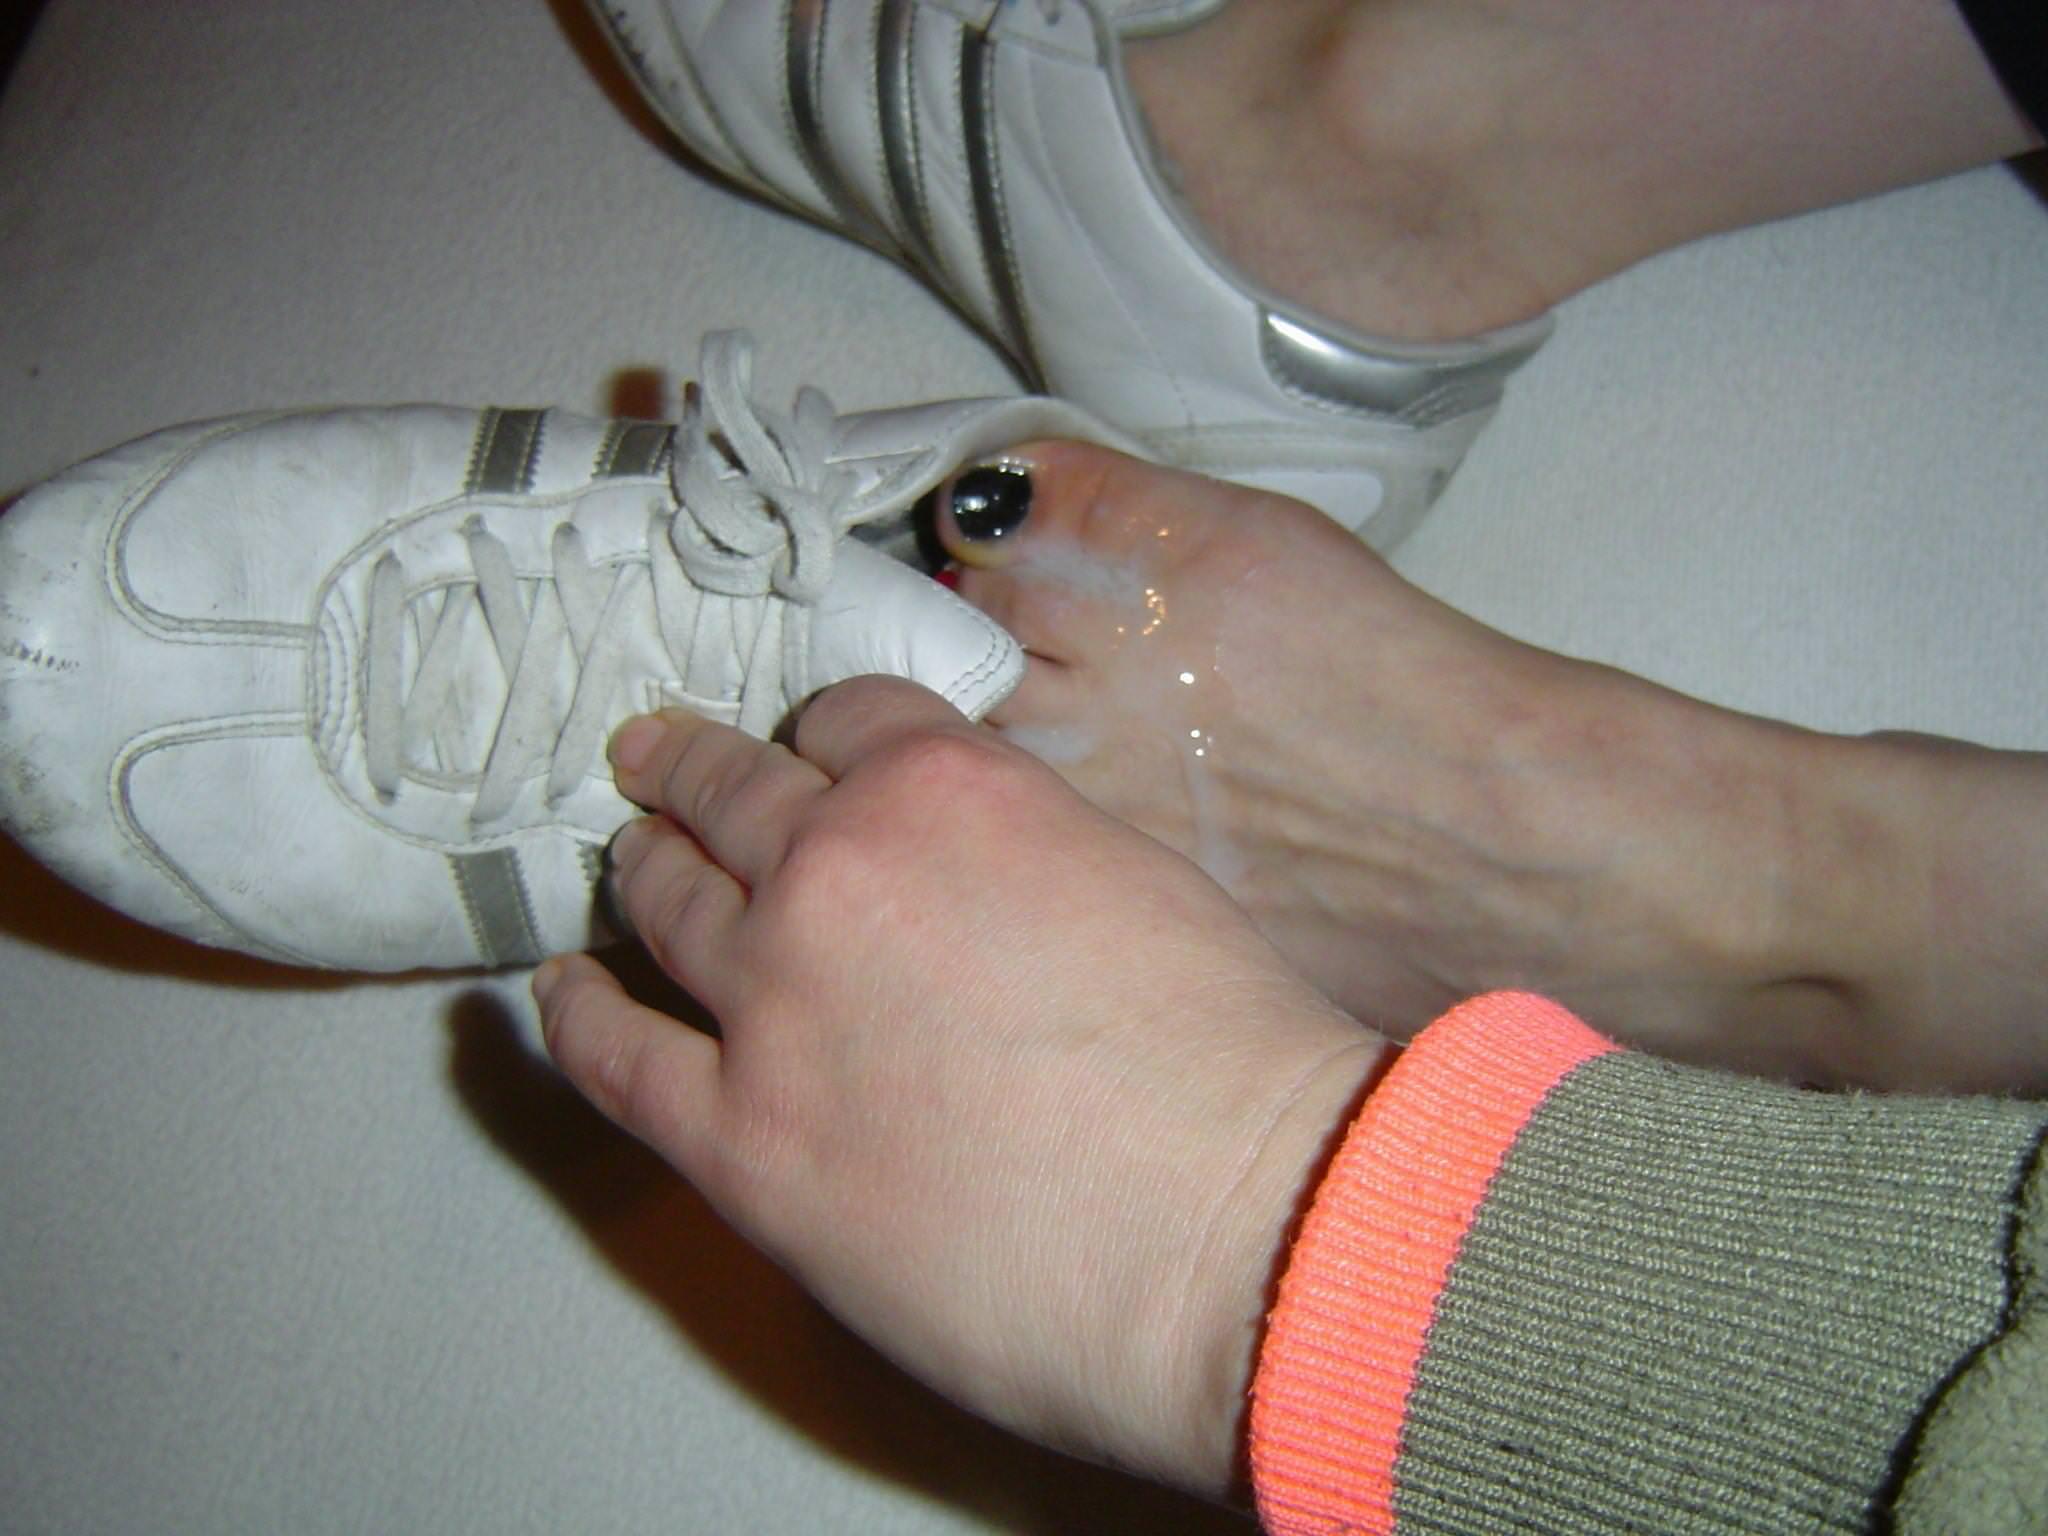 足の裏・足の甲に射精 6